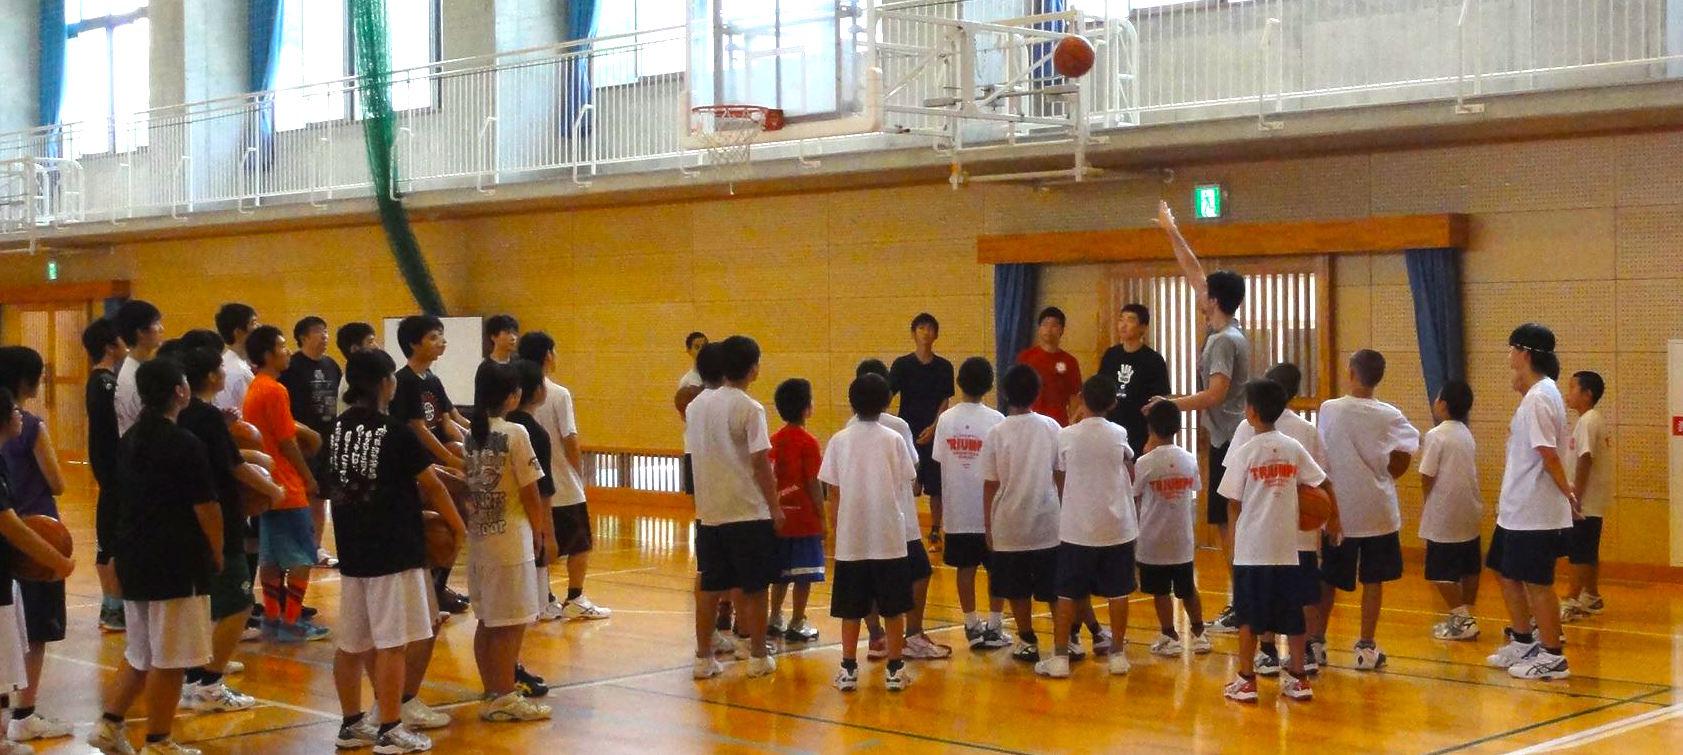 熊本県人吉高校で「+ONE キャラバン」を開催しました